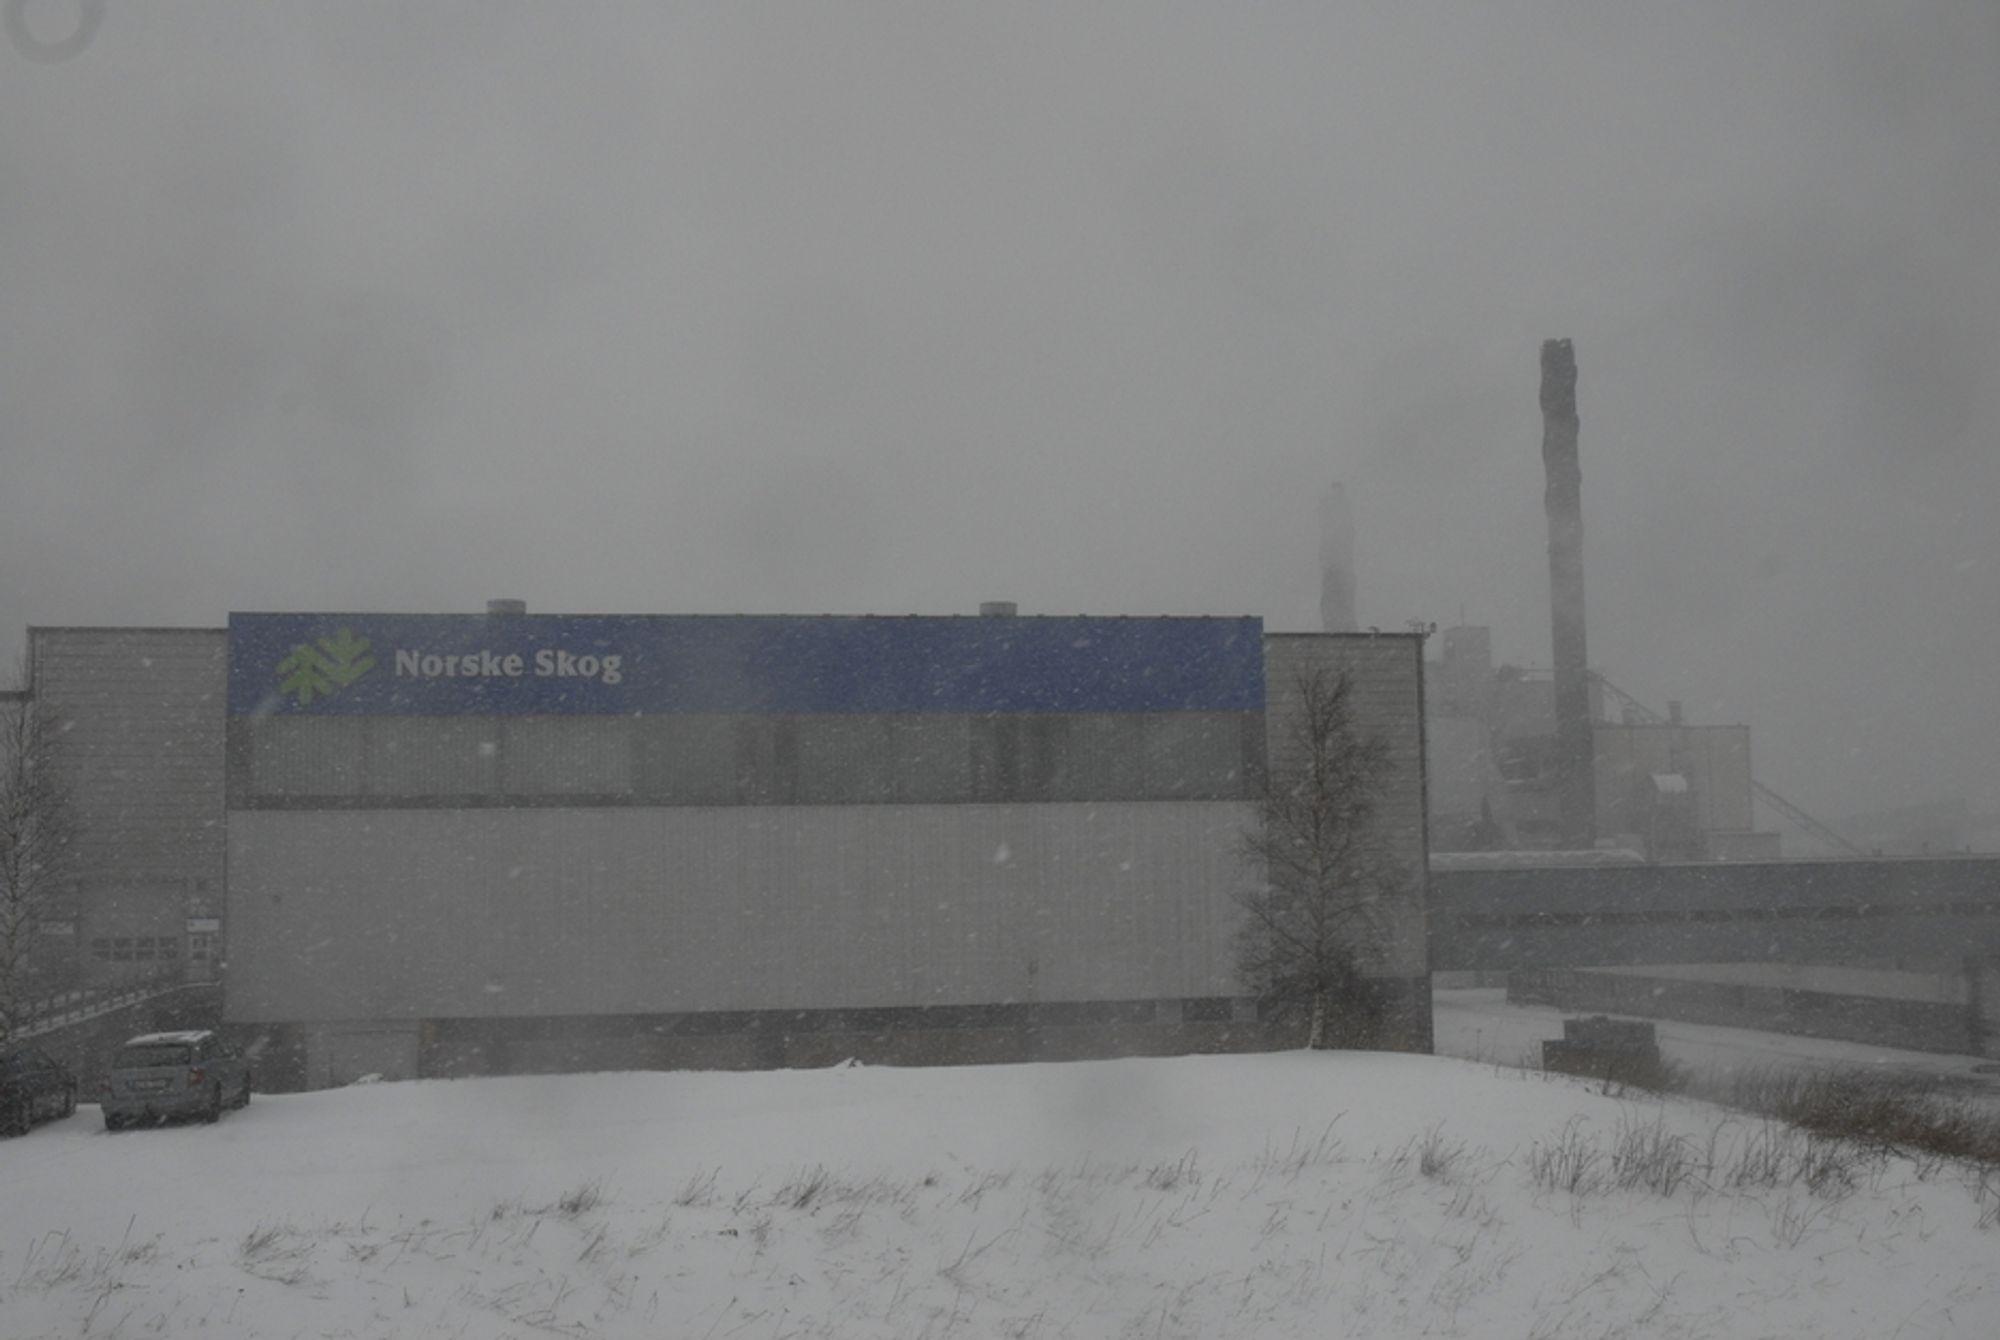 SIKRET TIL 2018: Den nye avtalen med NTE sikrer Norske Skogs fabrikk på Skogn i Nord-Trøndelag 0,4 TWh per år frem til utgangen av 2018.